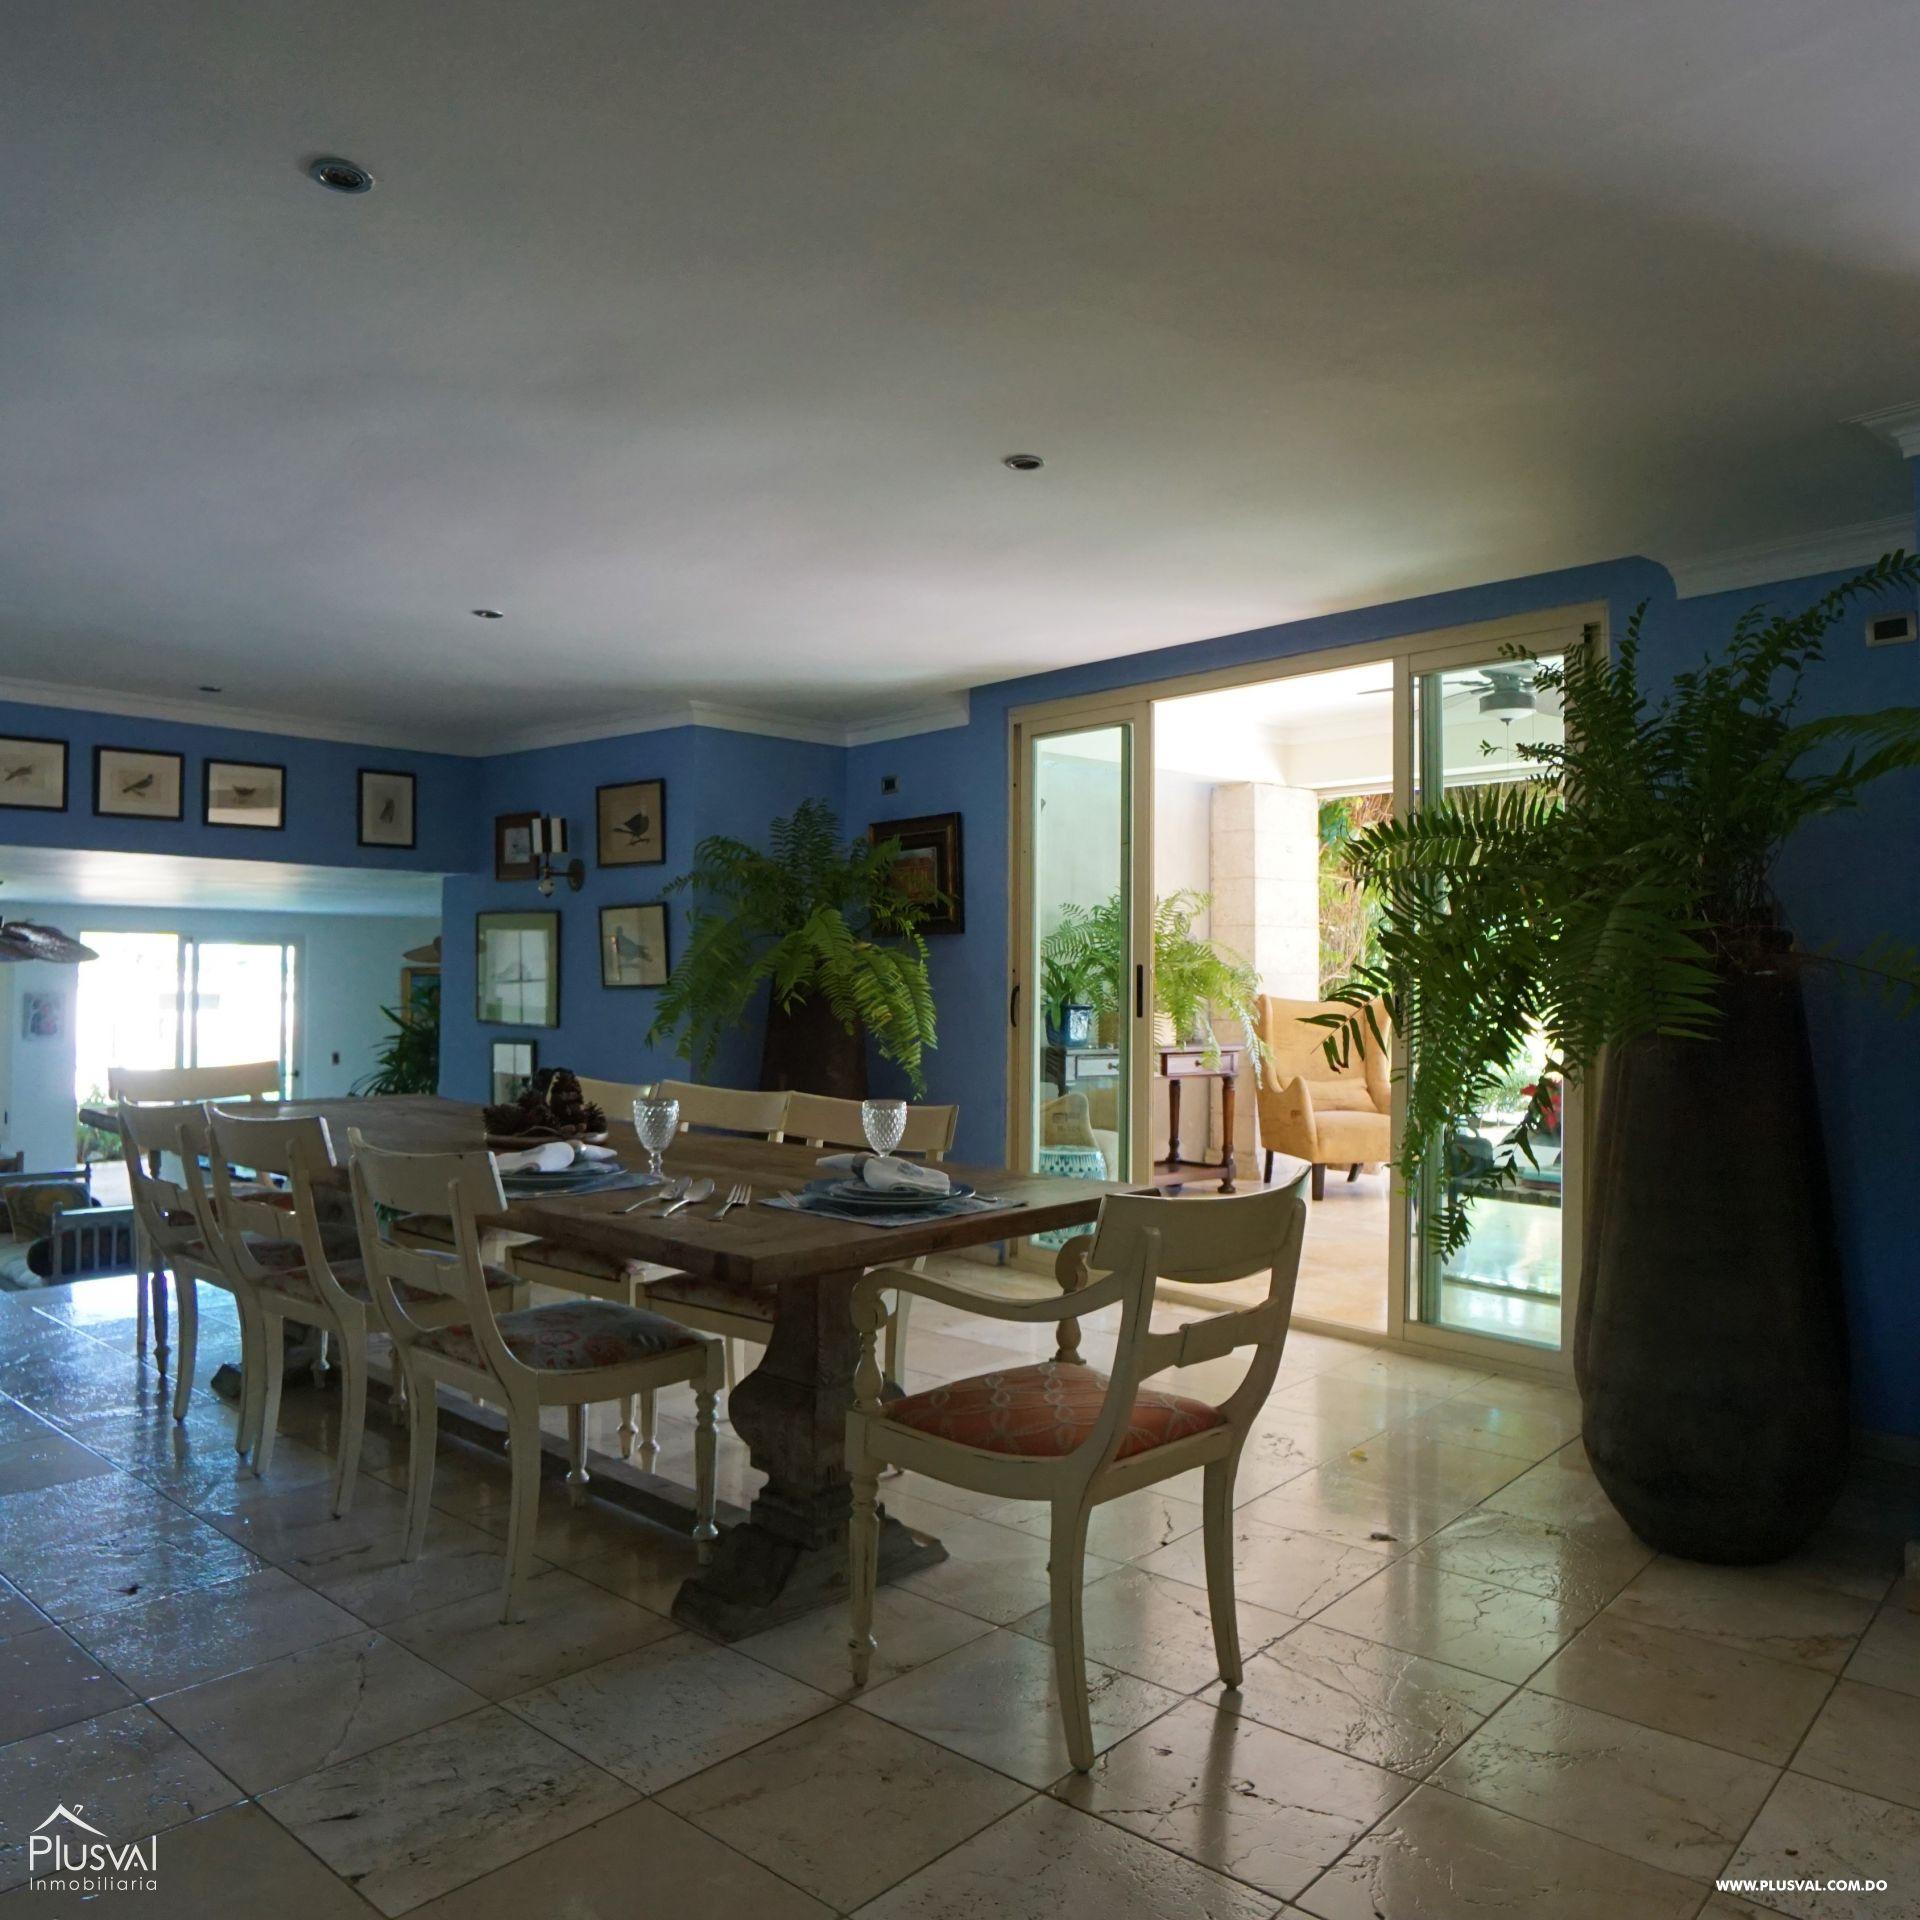 Casa de lujo en venta Arroyo Hondo Viejo 165338